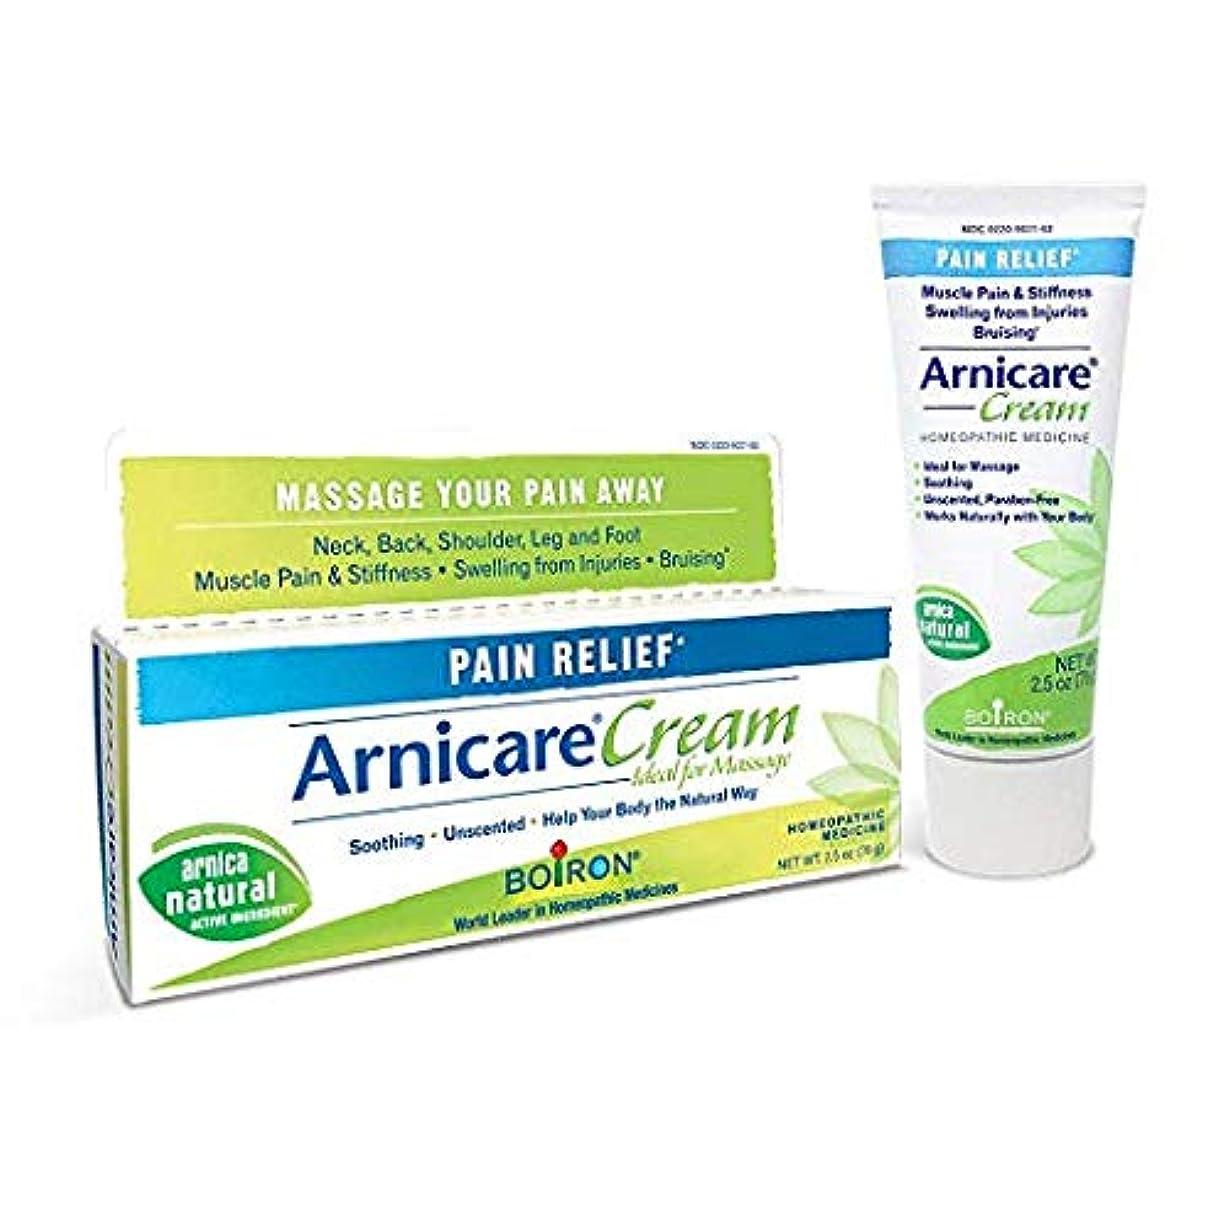 干渉レガシー印象的ボイロン アルニカクリーム Boiron Arnicare Cream 2.5 Ounces Topical Pain Relief Cream [並行輸入品]